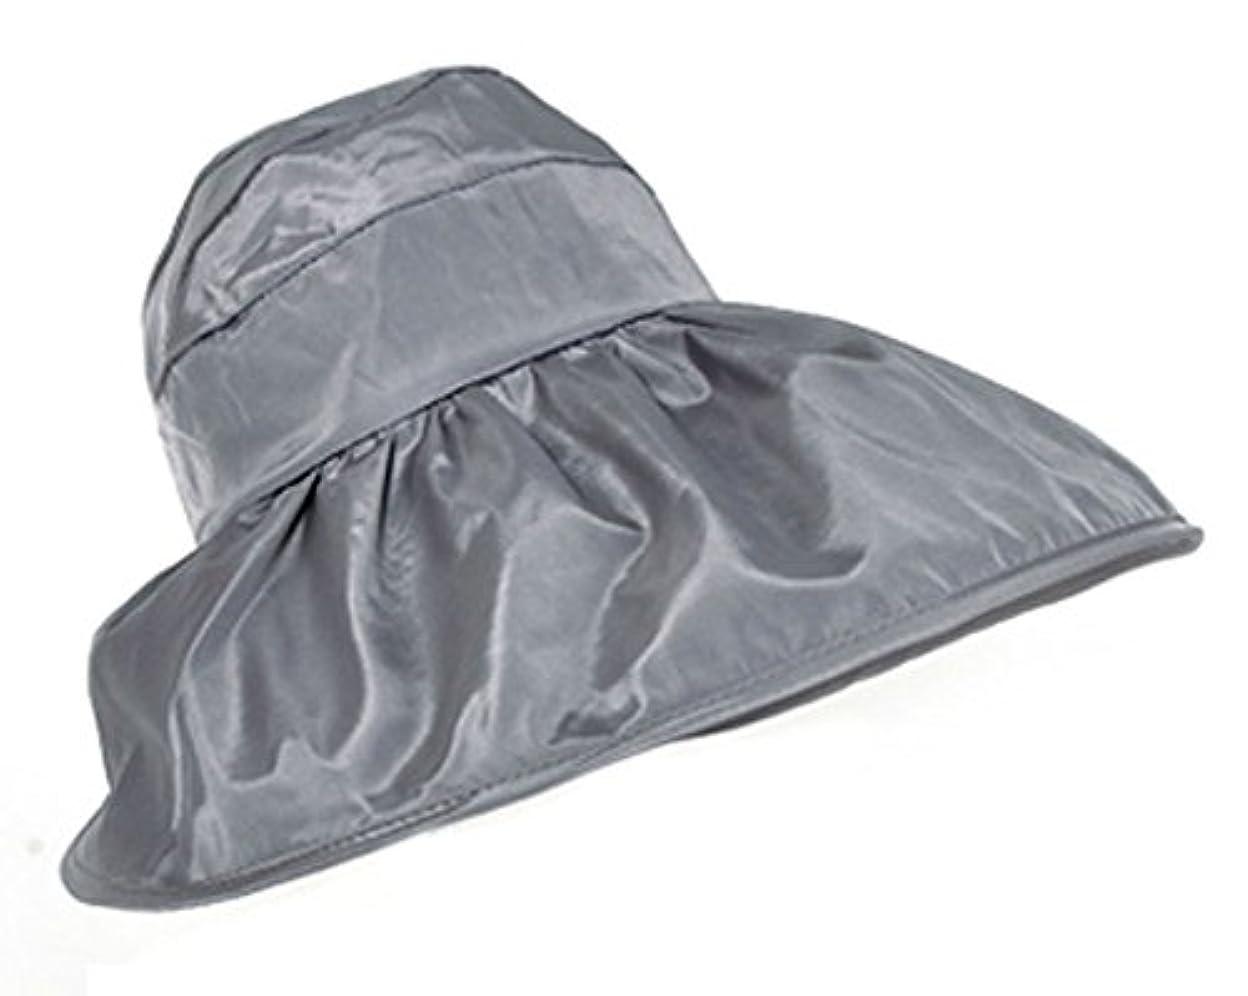 使用法注入するしないFakeFace 夏 レディース 帽子 UVカット サンバイザー 紫外線対策 日よけ帽子 つば広 オシャレ ケープ ハット 日よけ 折りたたみ 防水 カジュアル 海 農作業 ぼうし サイズ調節可